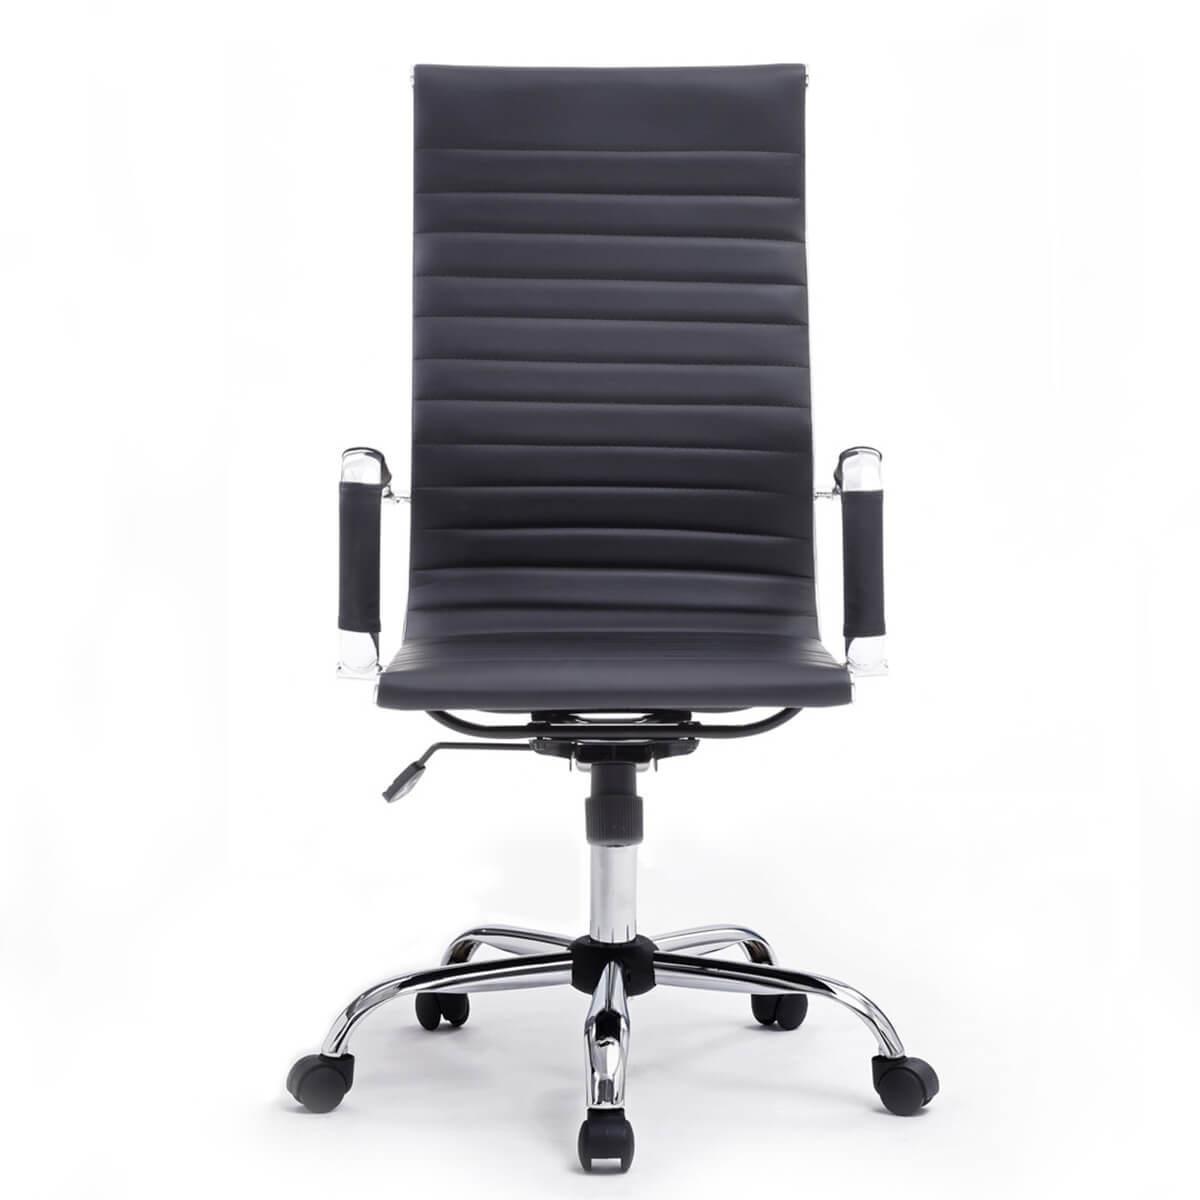 Cadeira Office Giratória Gerente Preta Bluecase - BCH-59BK